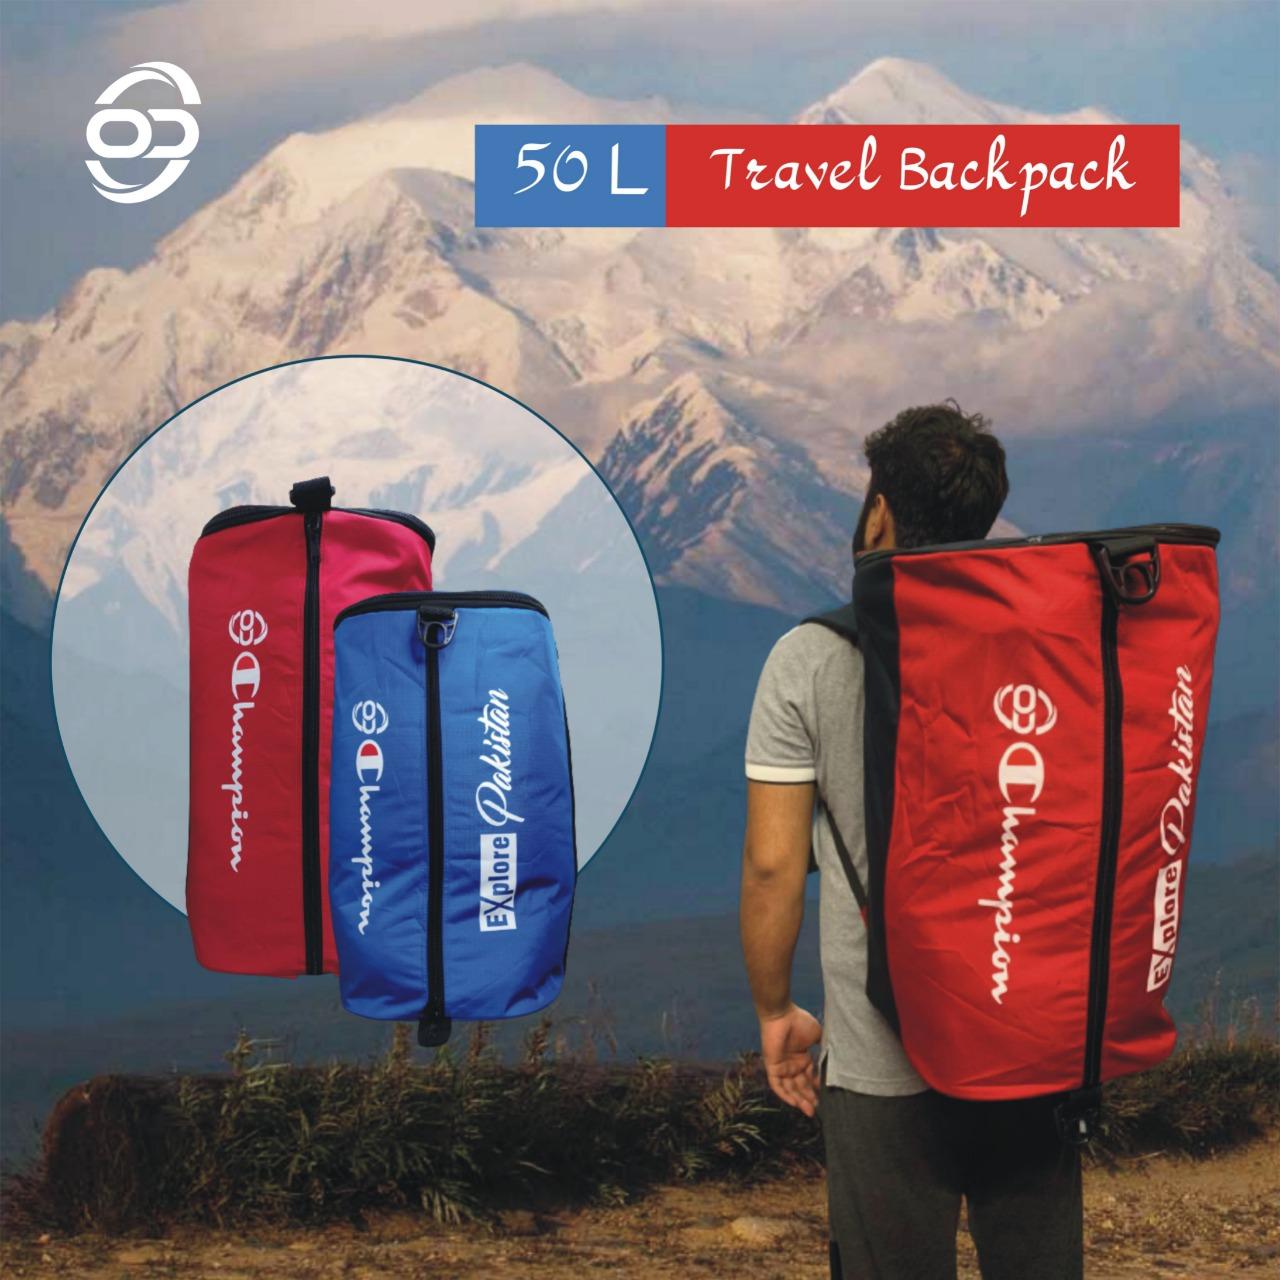 Online Dukandari 50-L Travel Backpack Hiking Backpack 50-L Men Travel Backpack 50 Liter Trekking Backpack Bag for men Hiking Backpack Gym Bag